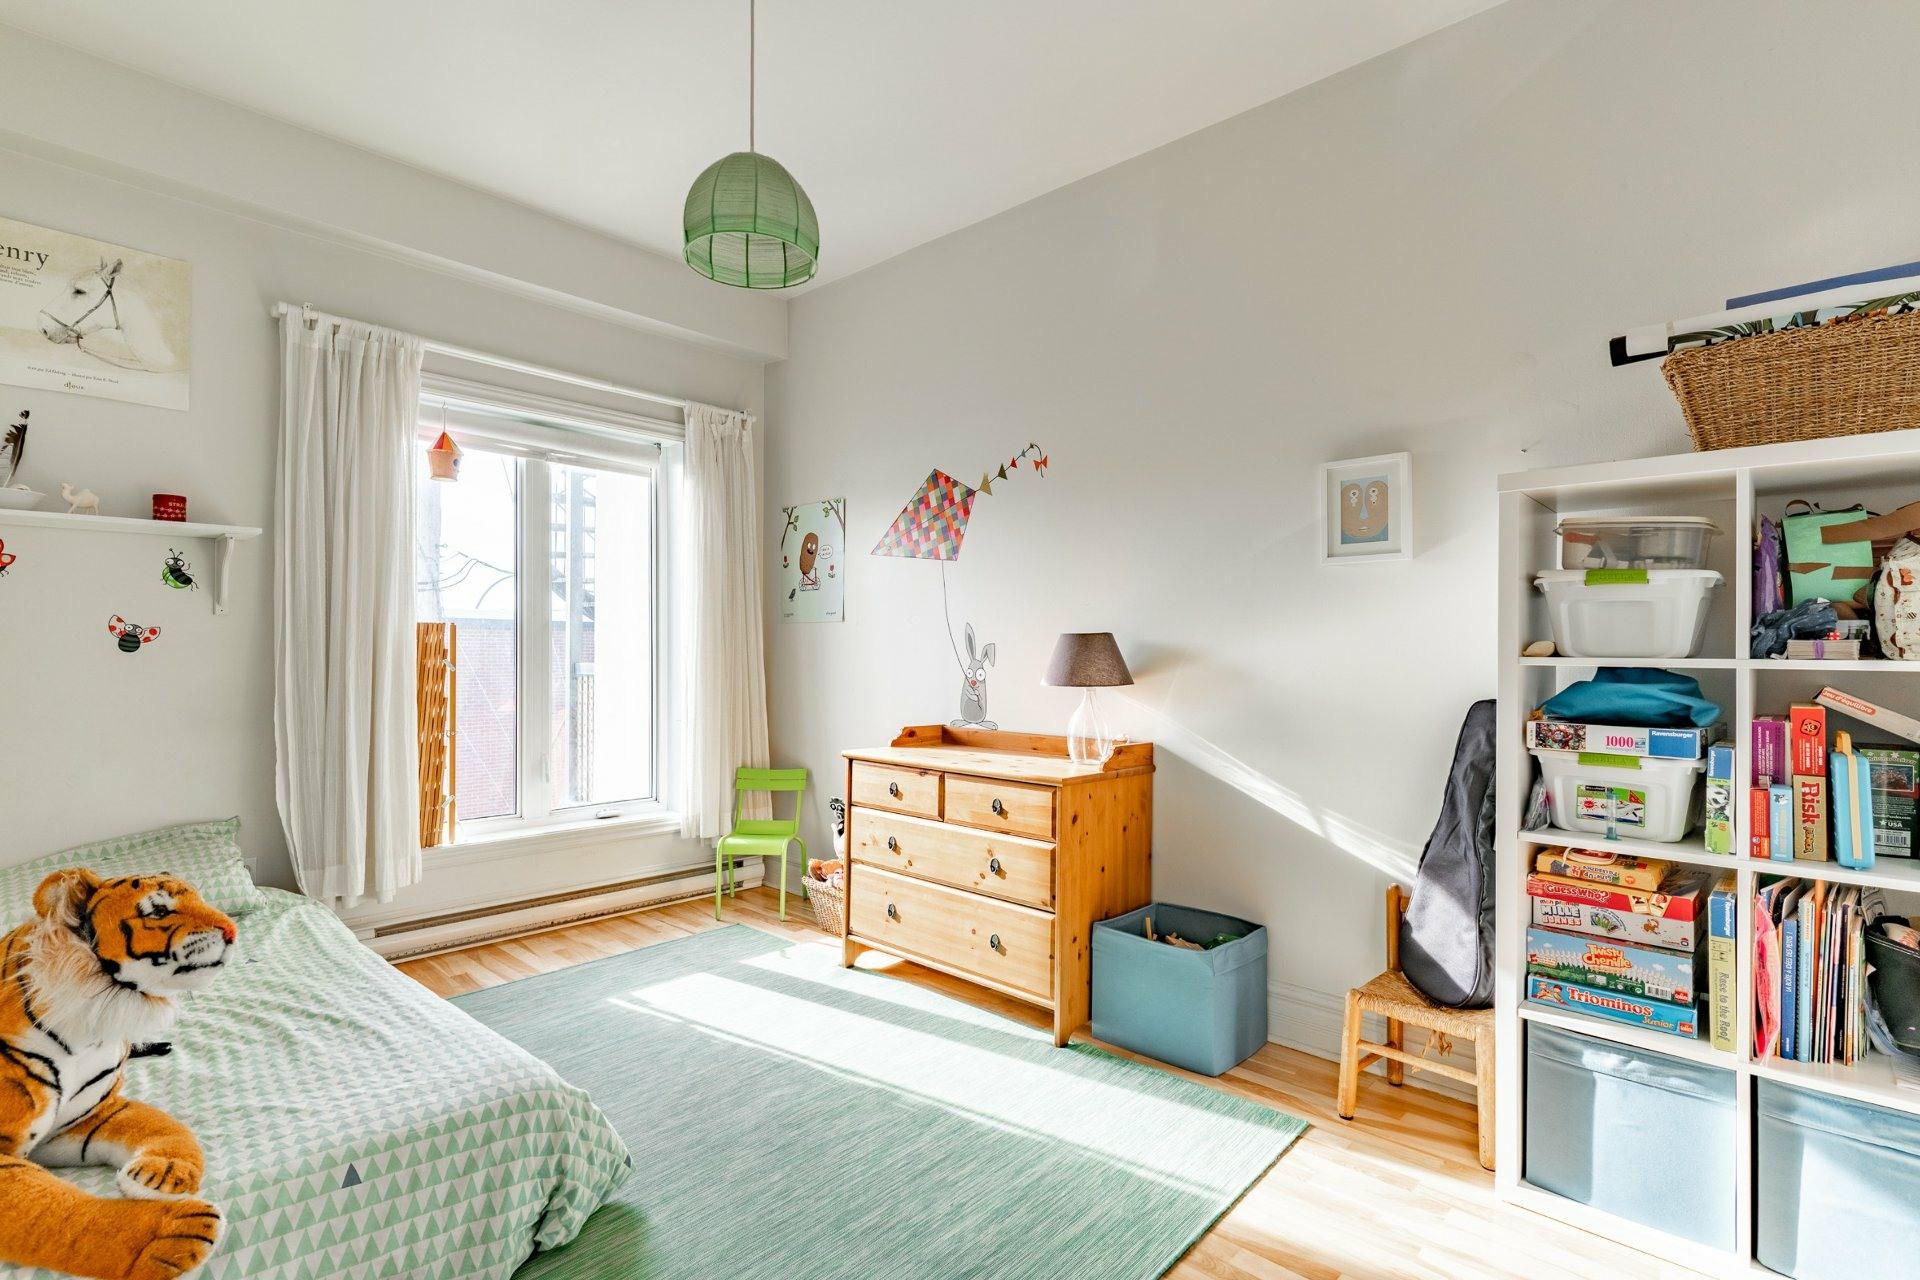 image 14 - Appartement À vendre Rosemont/La Petite-Patrie Montréal  - 7 pièces